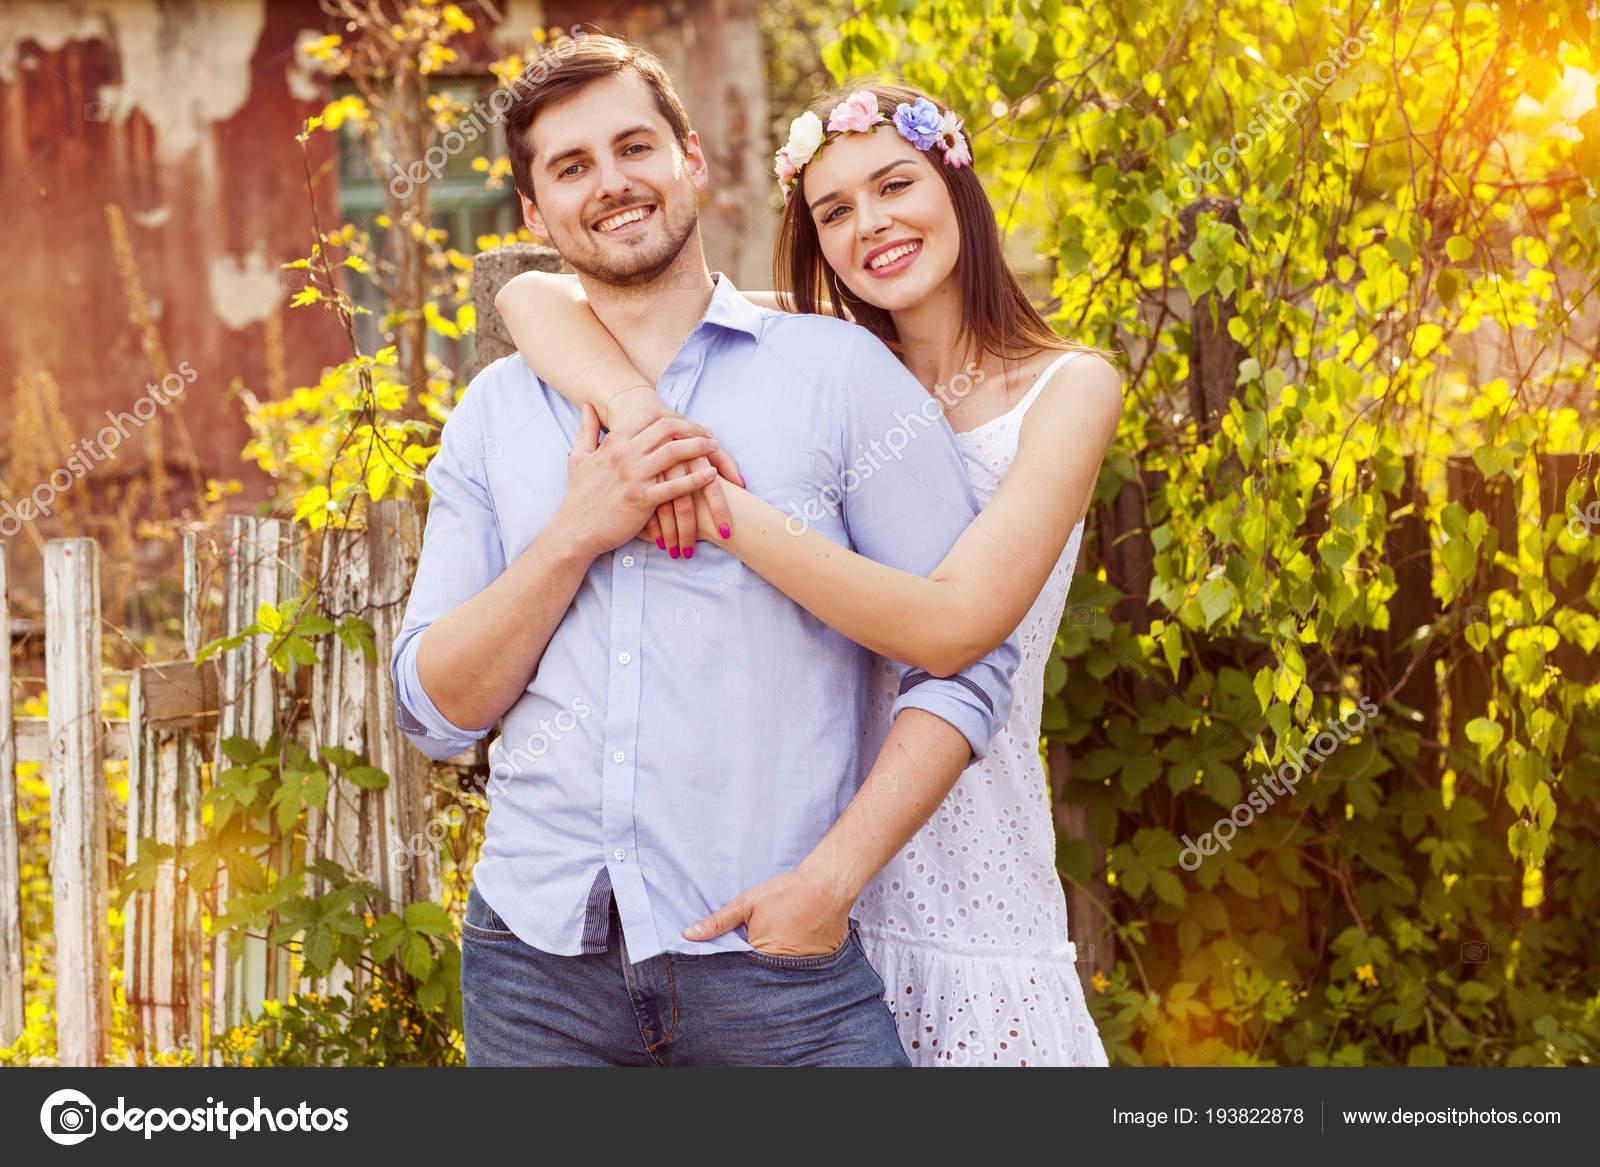 trevlig dating Jungfrun dating cancer